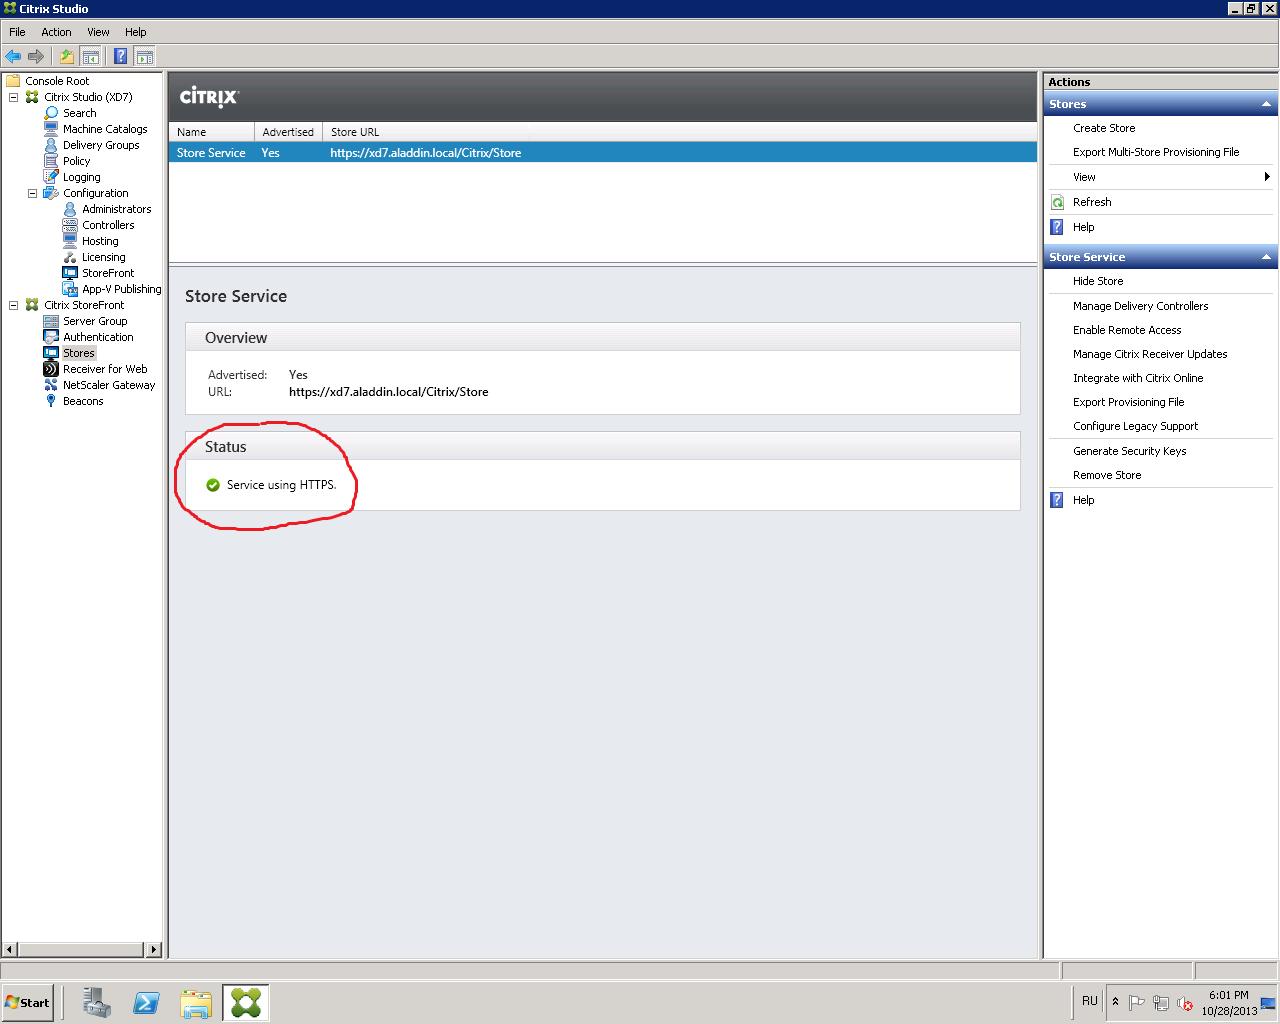 Настройка аутентификации в Citrix XenDesktop 7.x c использованием смарт-карт JaCarta PKI - 44